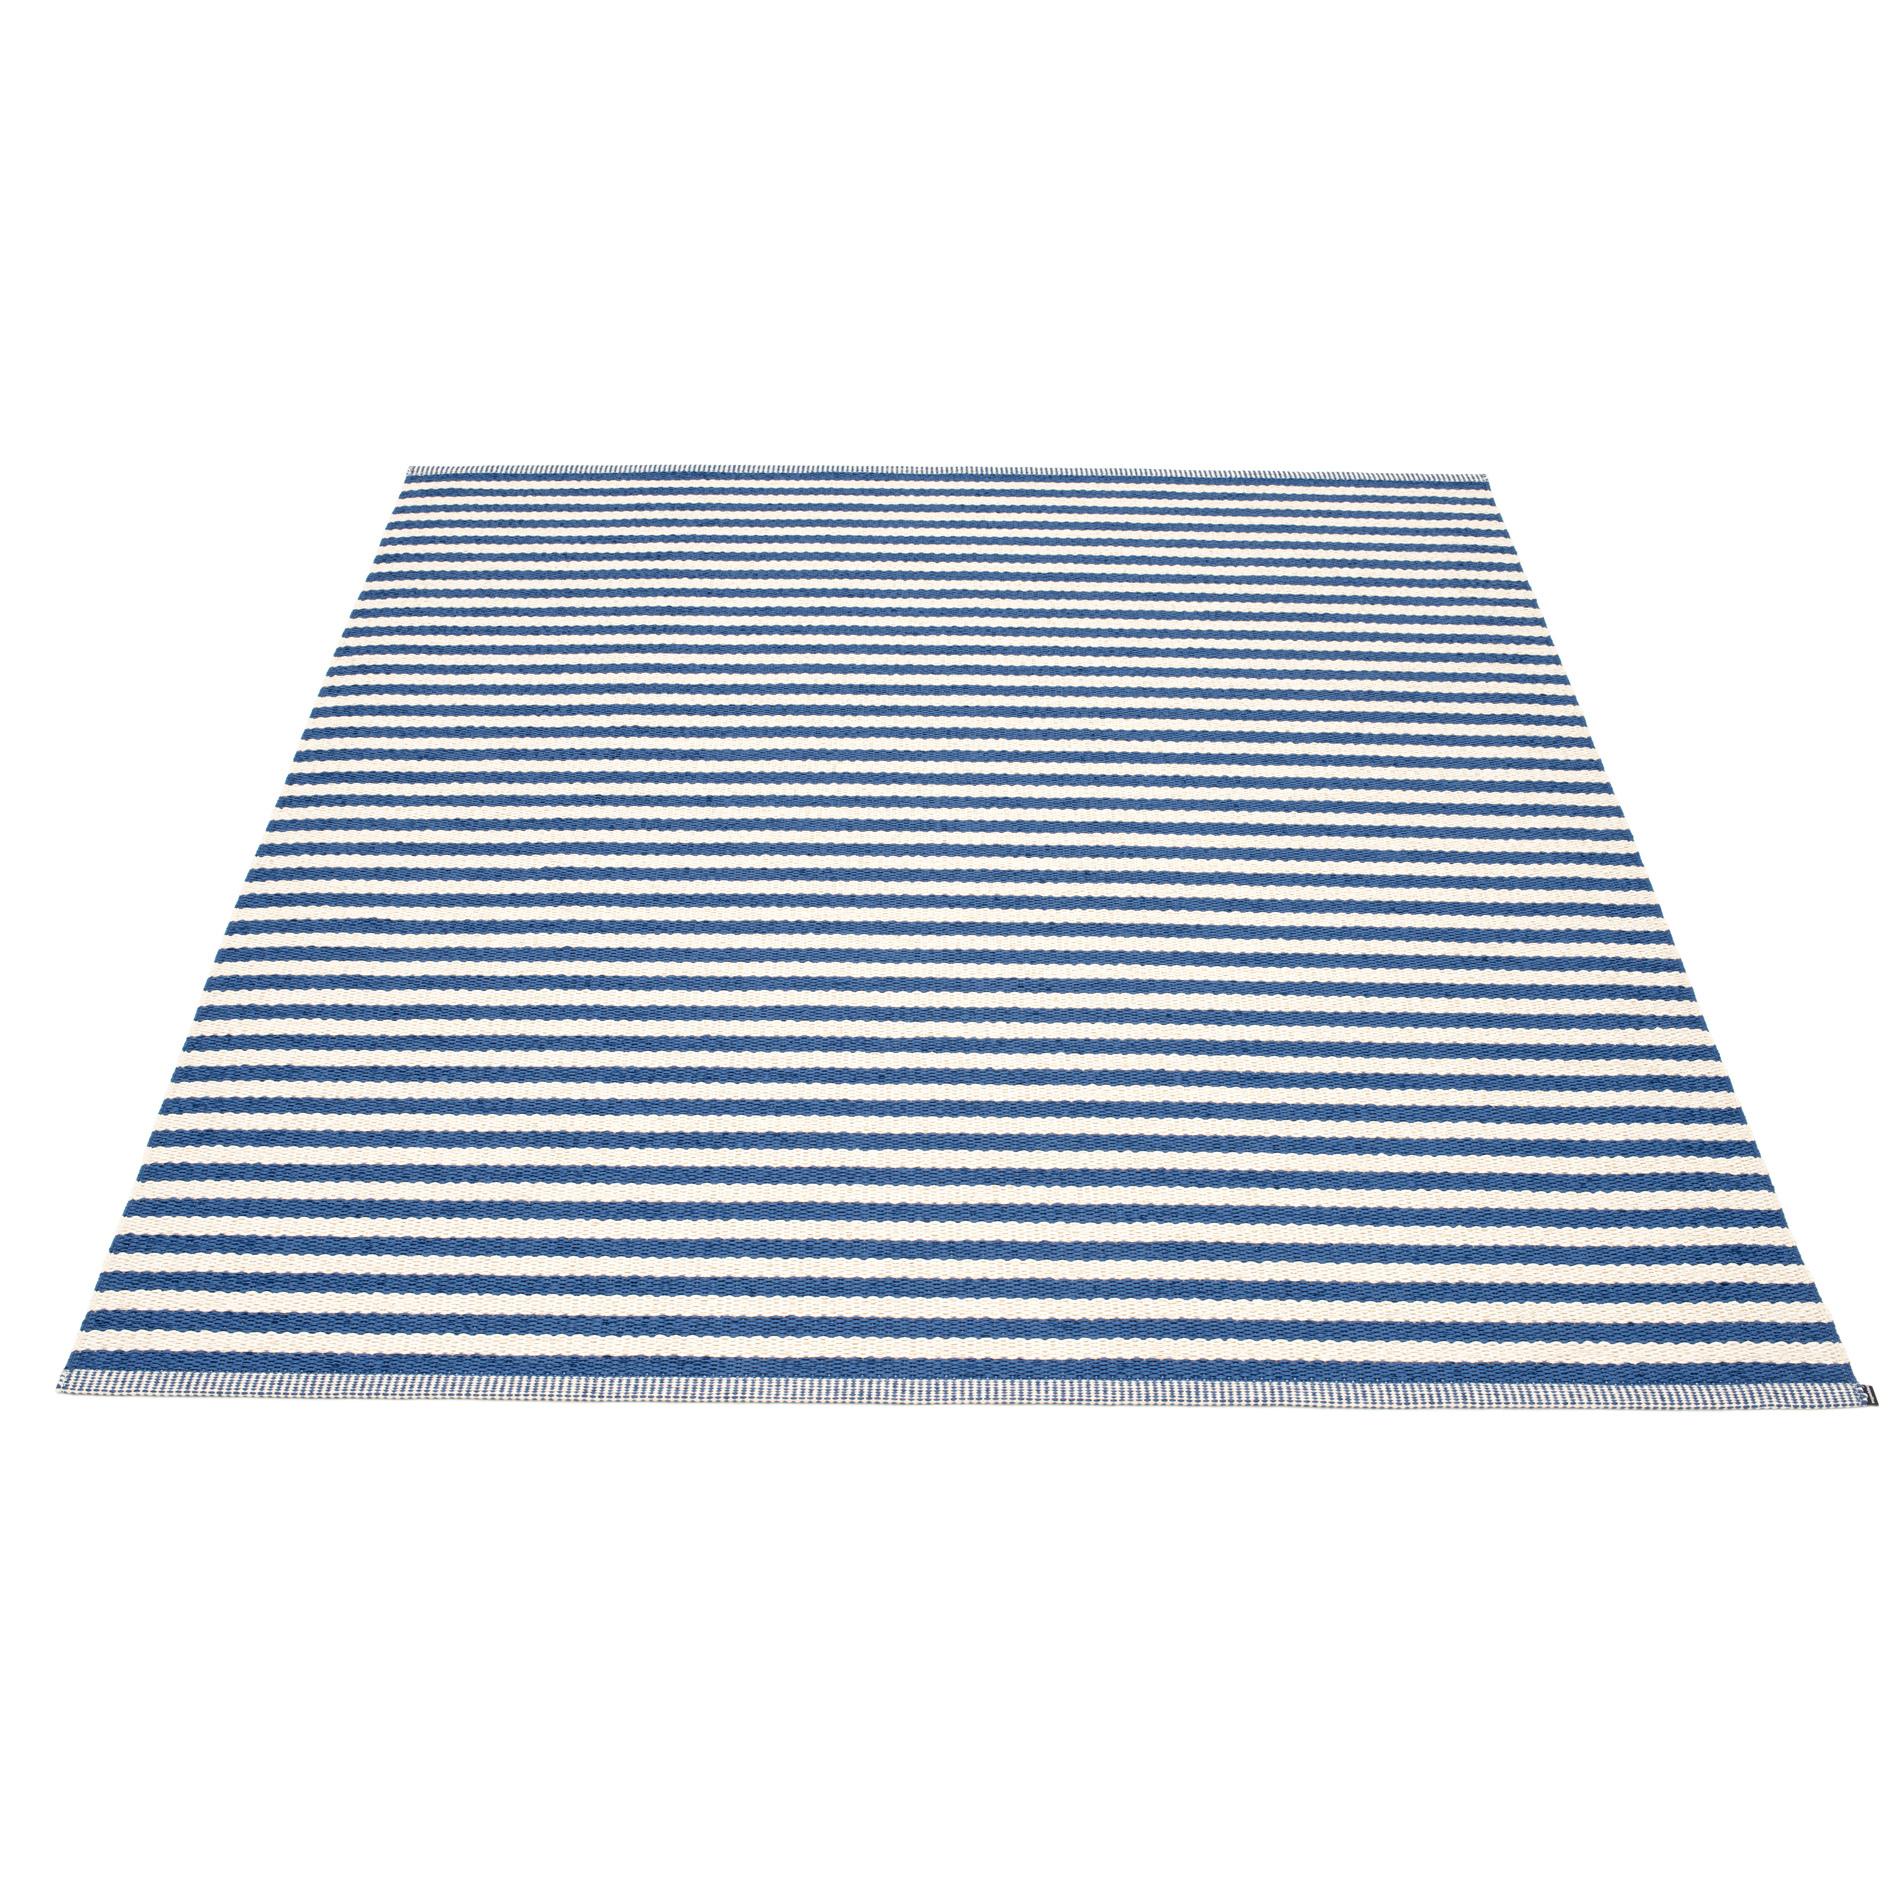 Duo Kunststoffteppich 180x220 cm Pappelina Schlamm